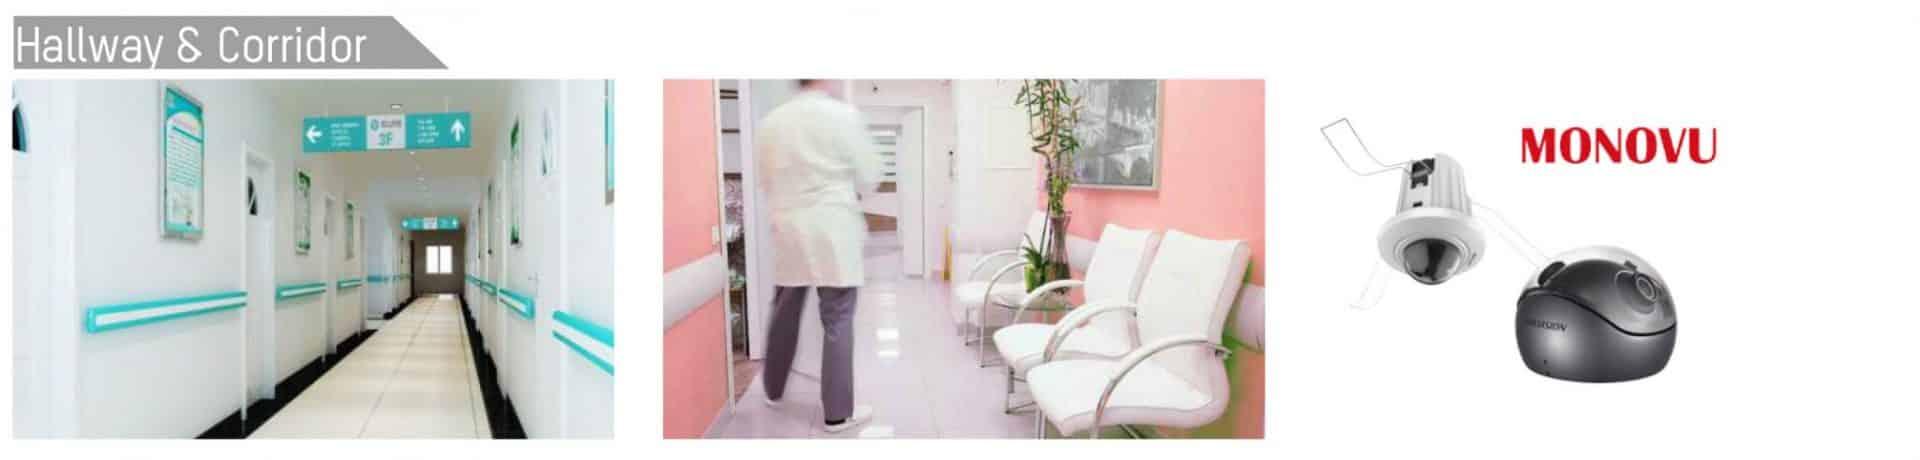 11 راهکار هوشمند هایکویژن برای بیمارستانها و مراکز درمانی